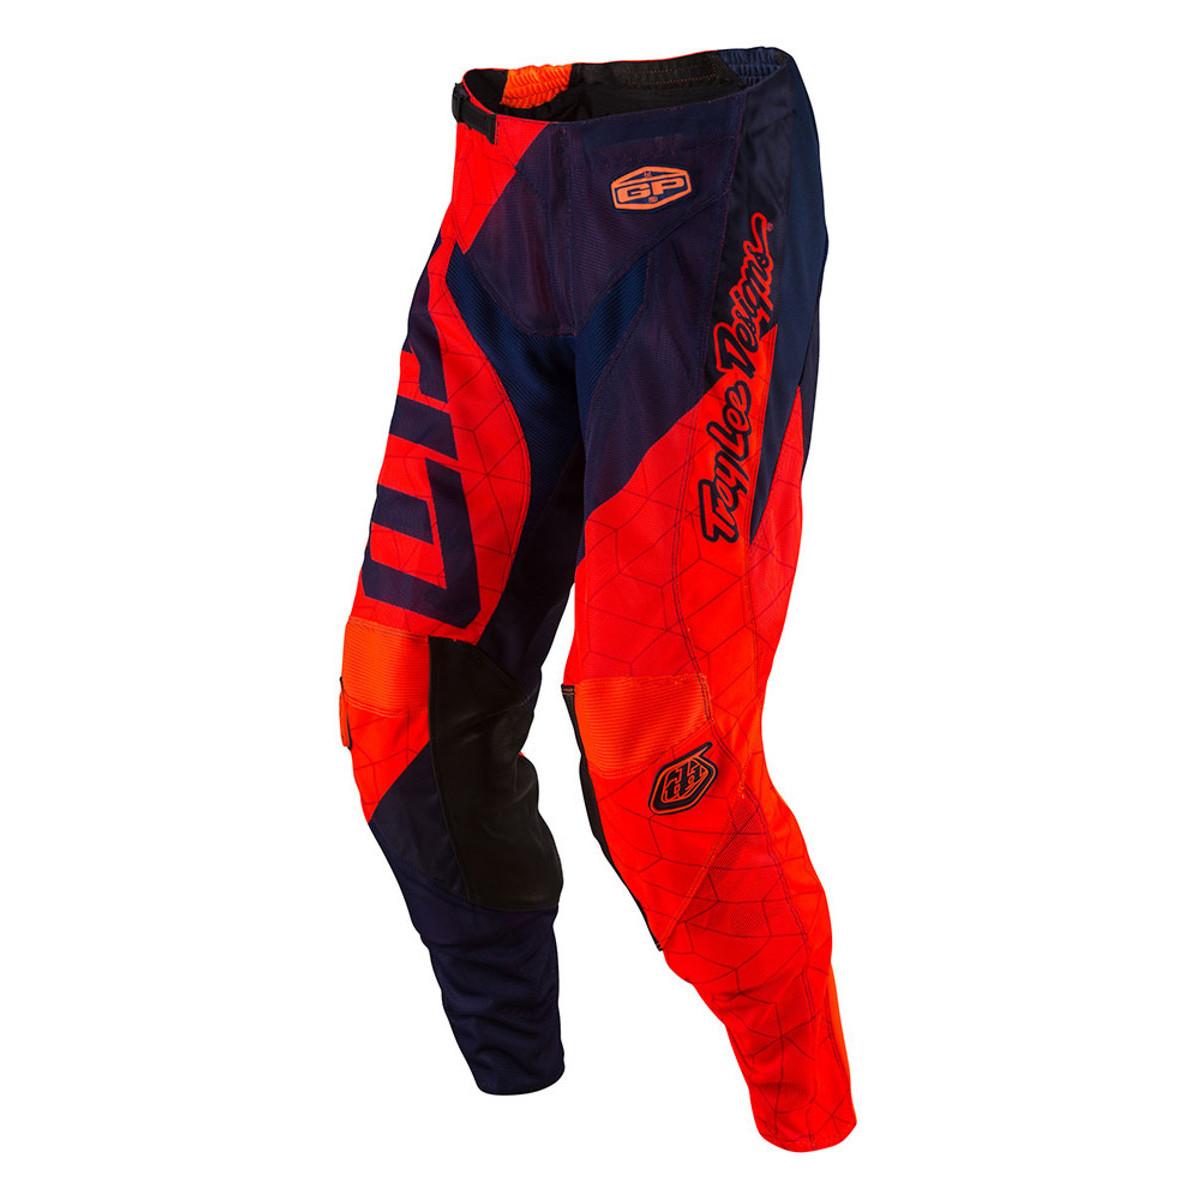 Troy Lee Designs GP Air Quest Pants Troy Lee Designs GP Air Quest Orange and Blue